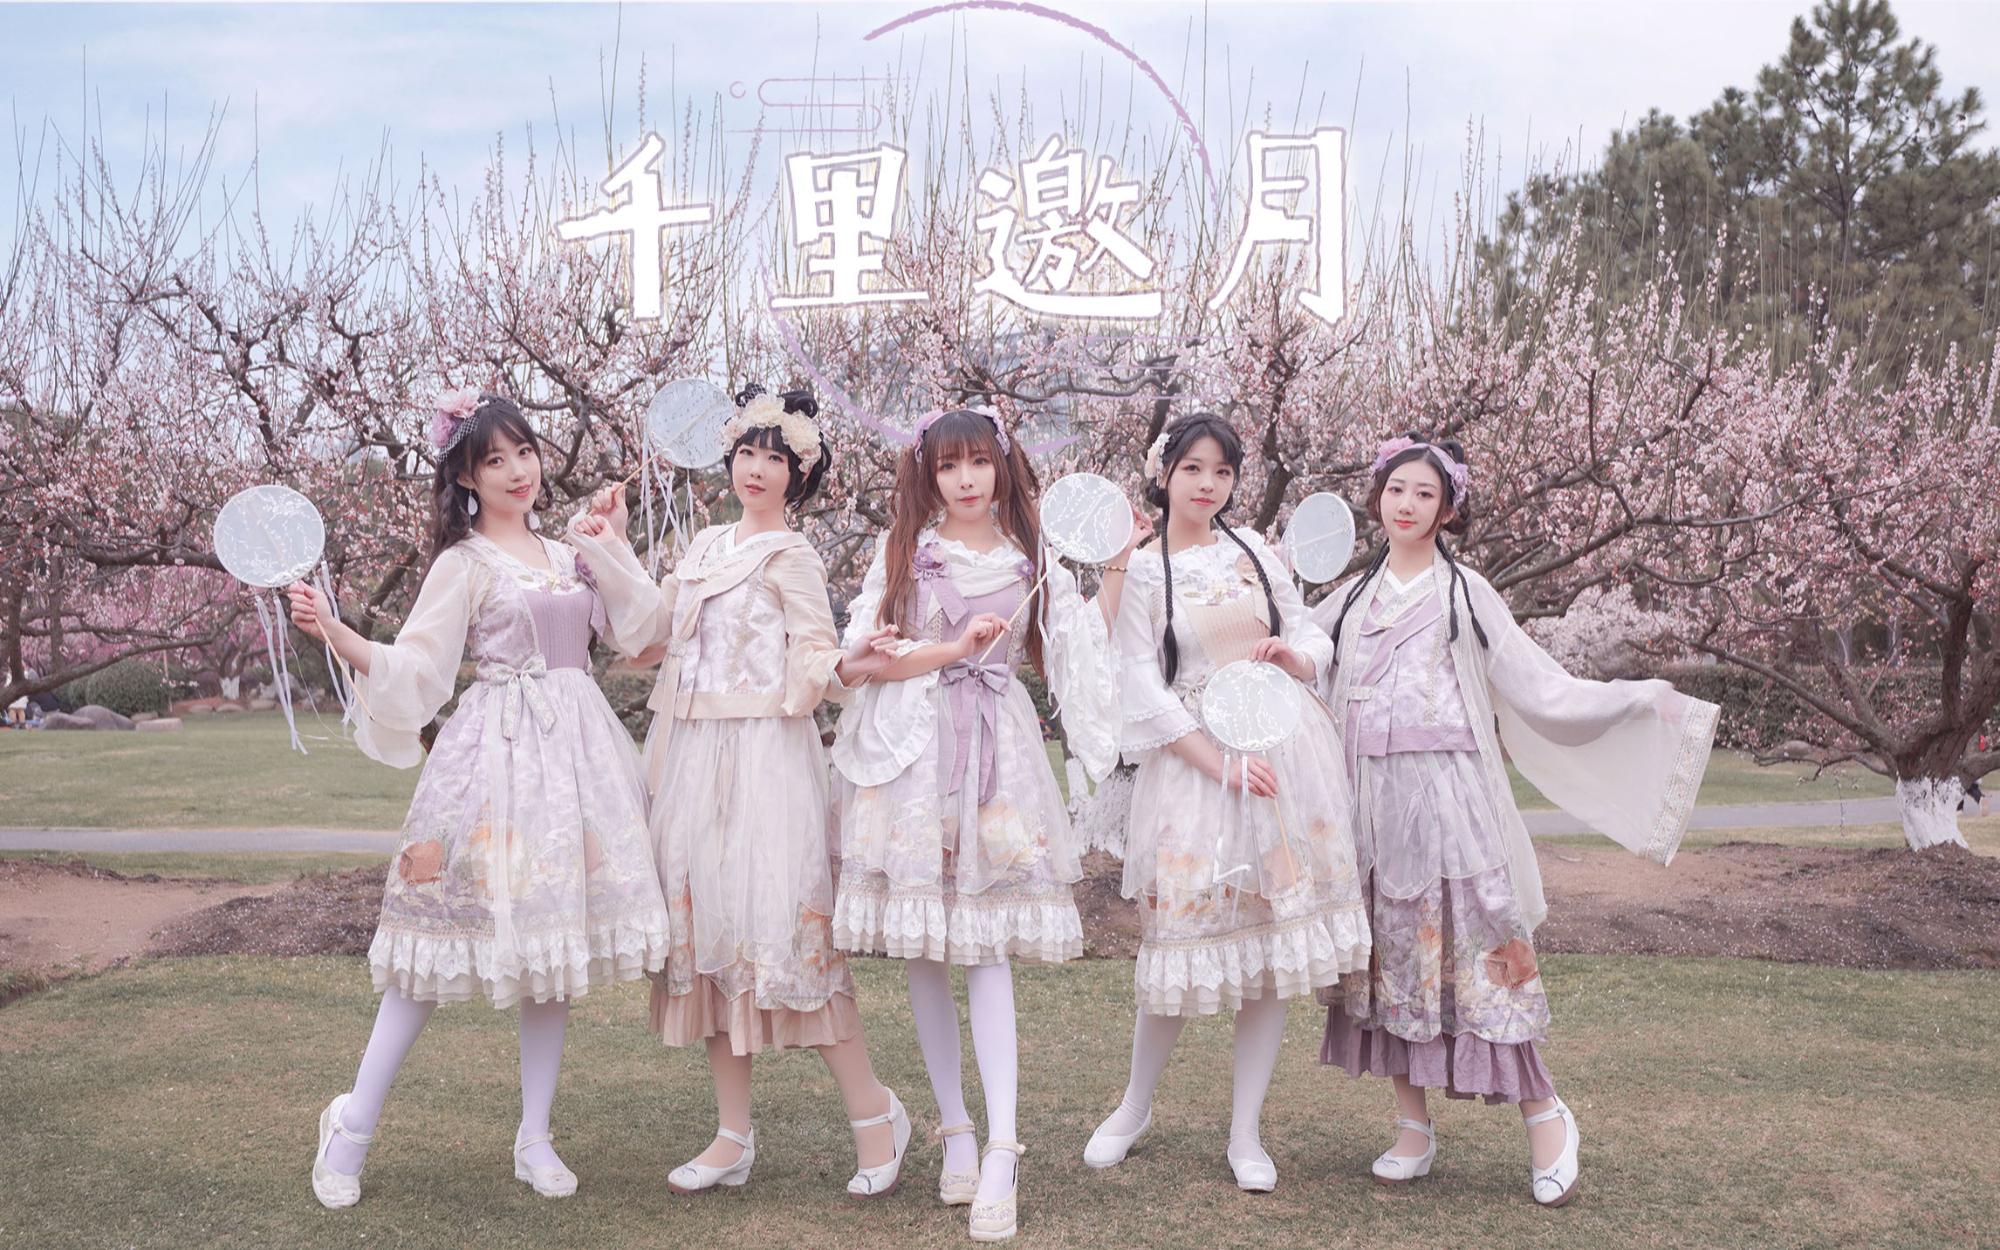 【九色杯】绝美春光中的千里邀月-点击领取五只仙女